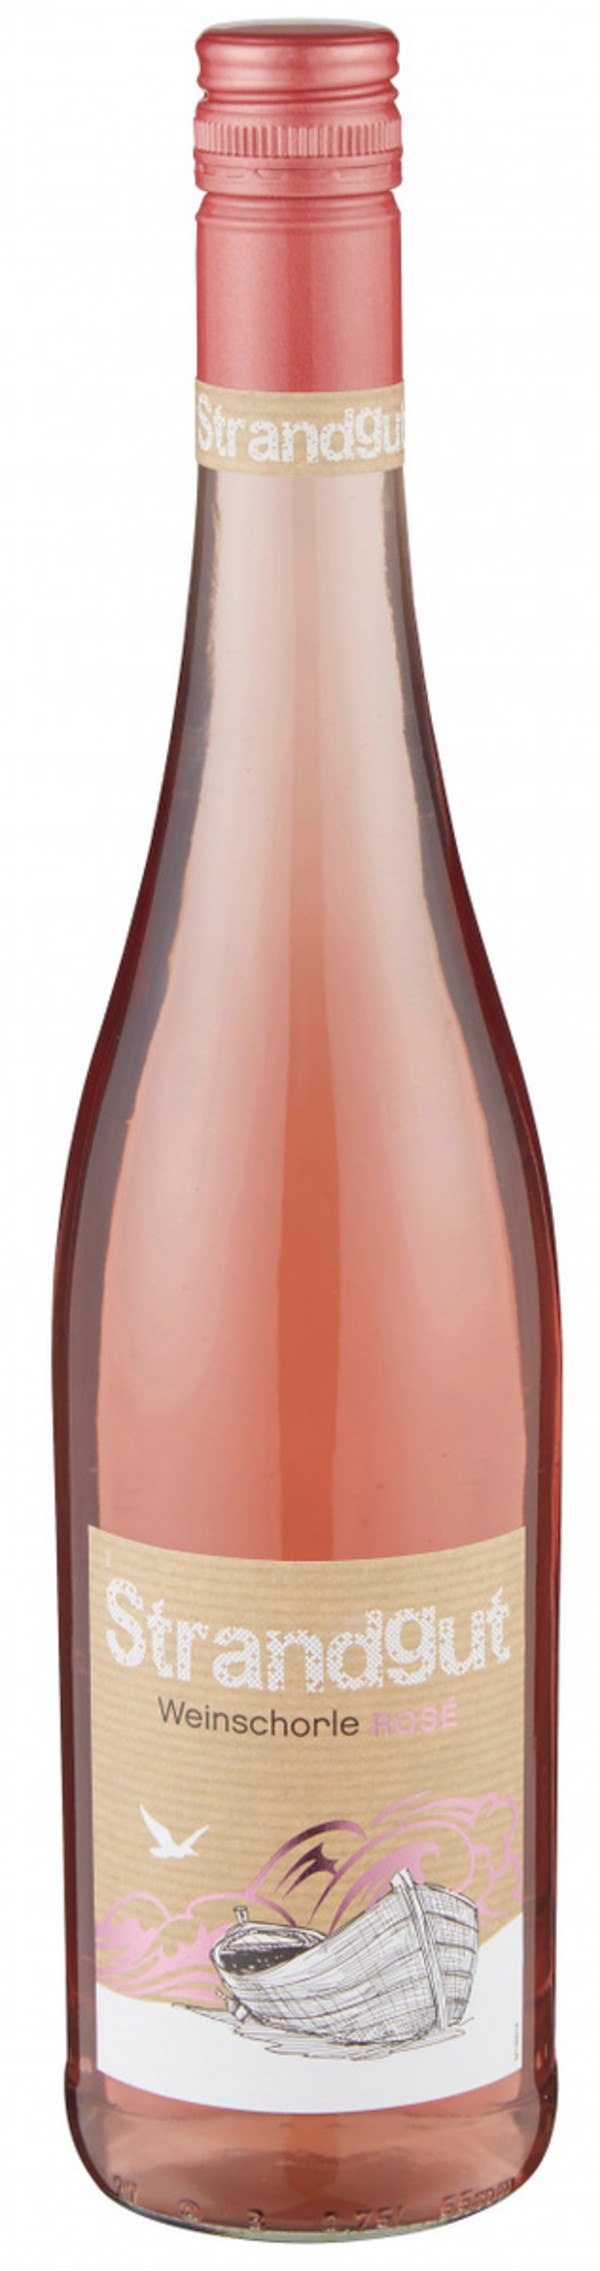 Weinschorle Rosé Strandgut, lieblich